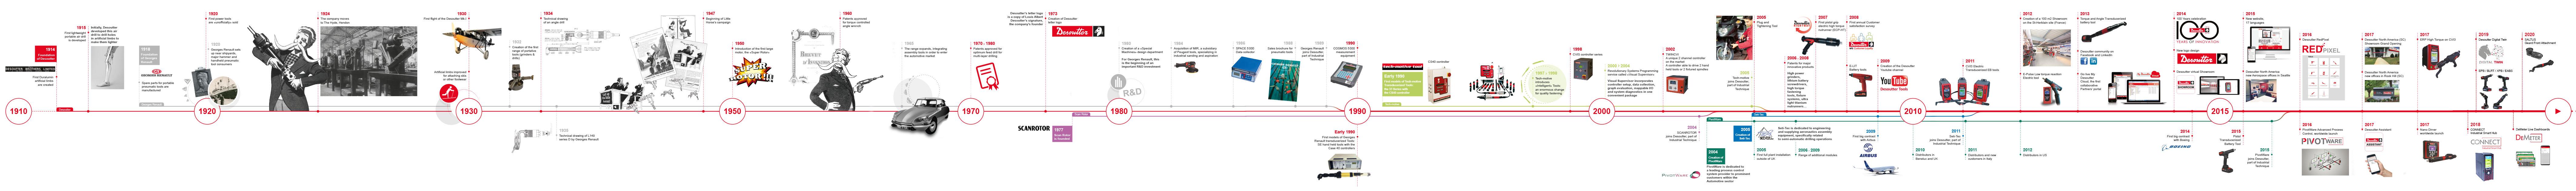 Historia de una marca innovadora